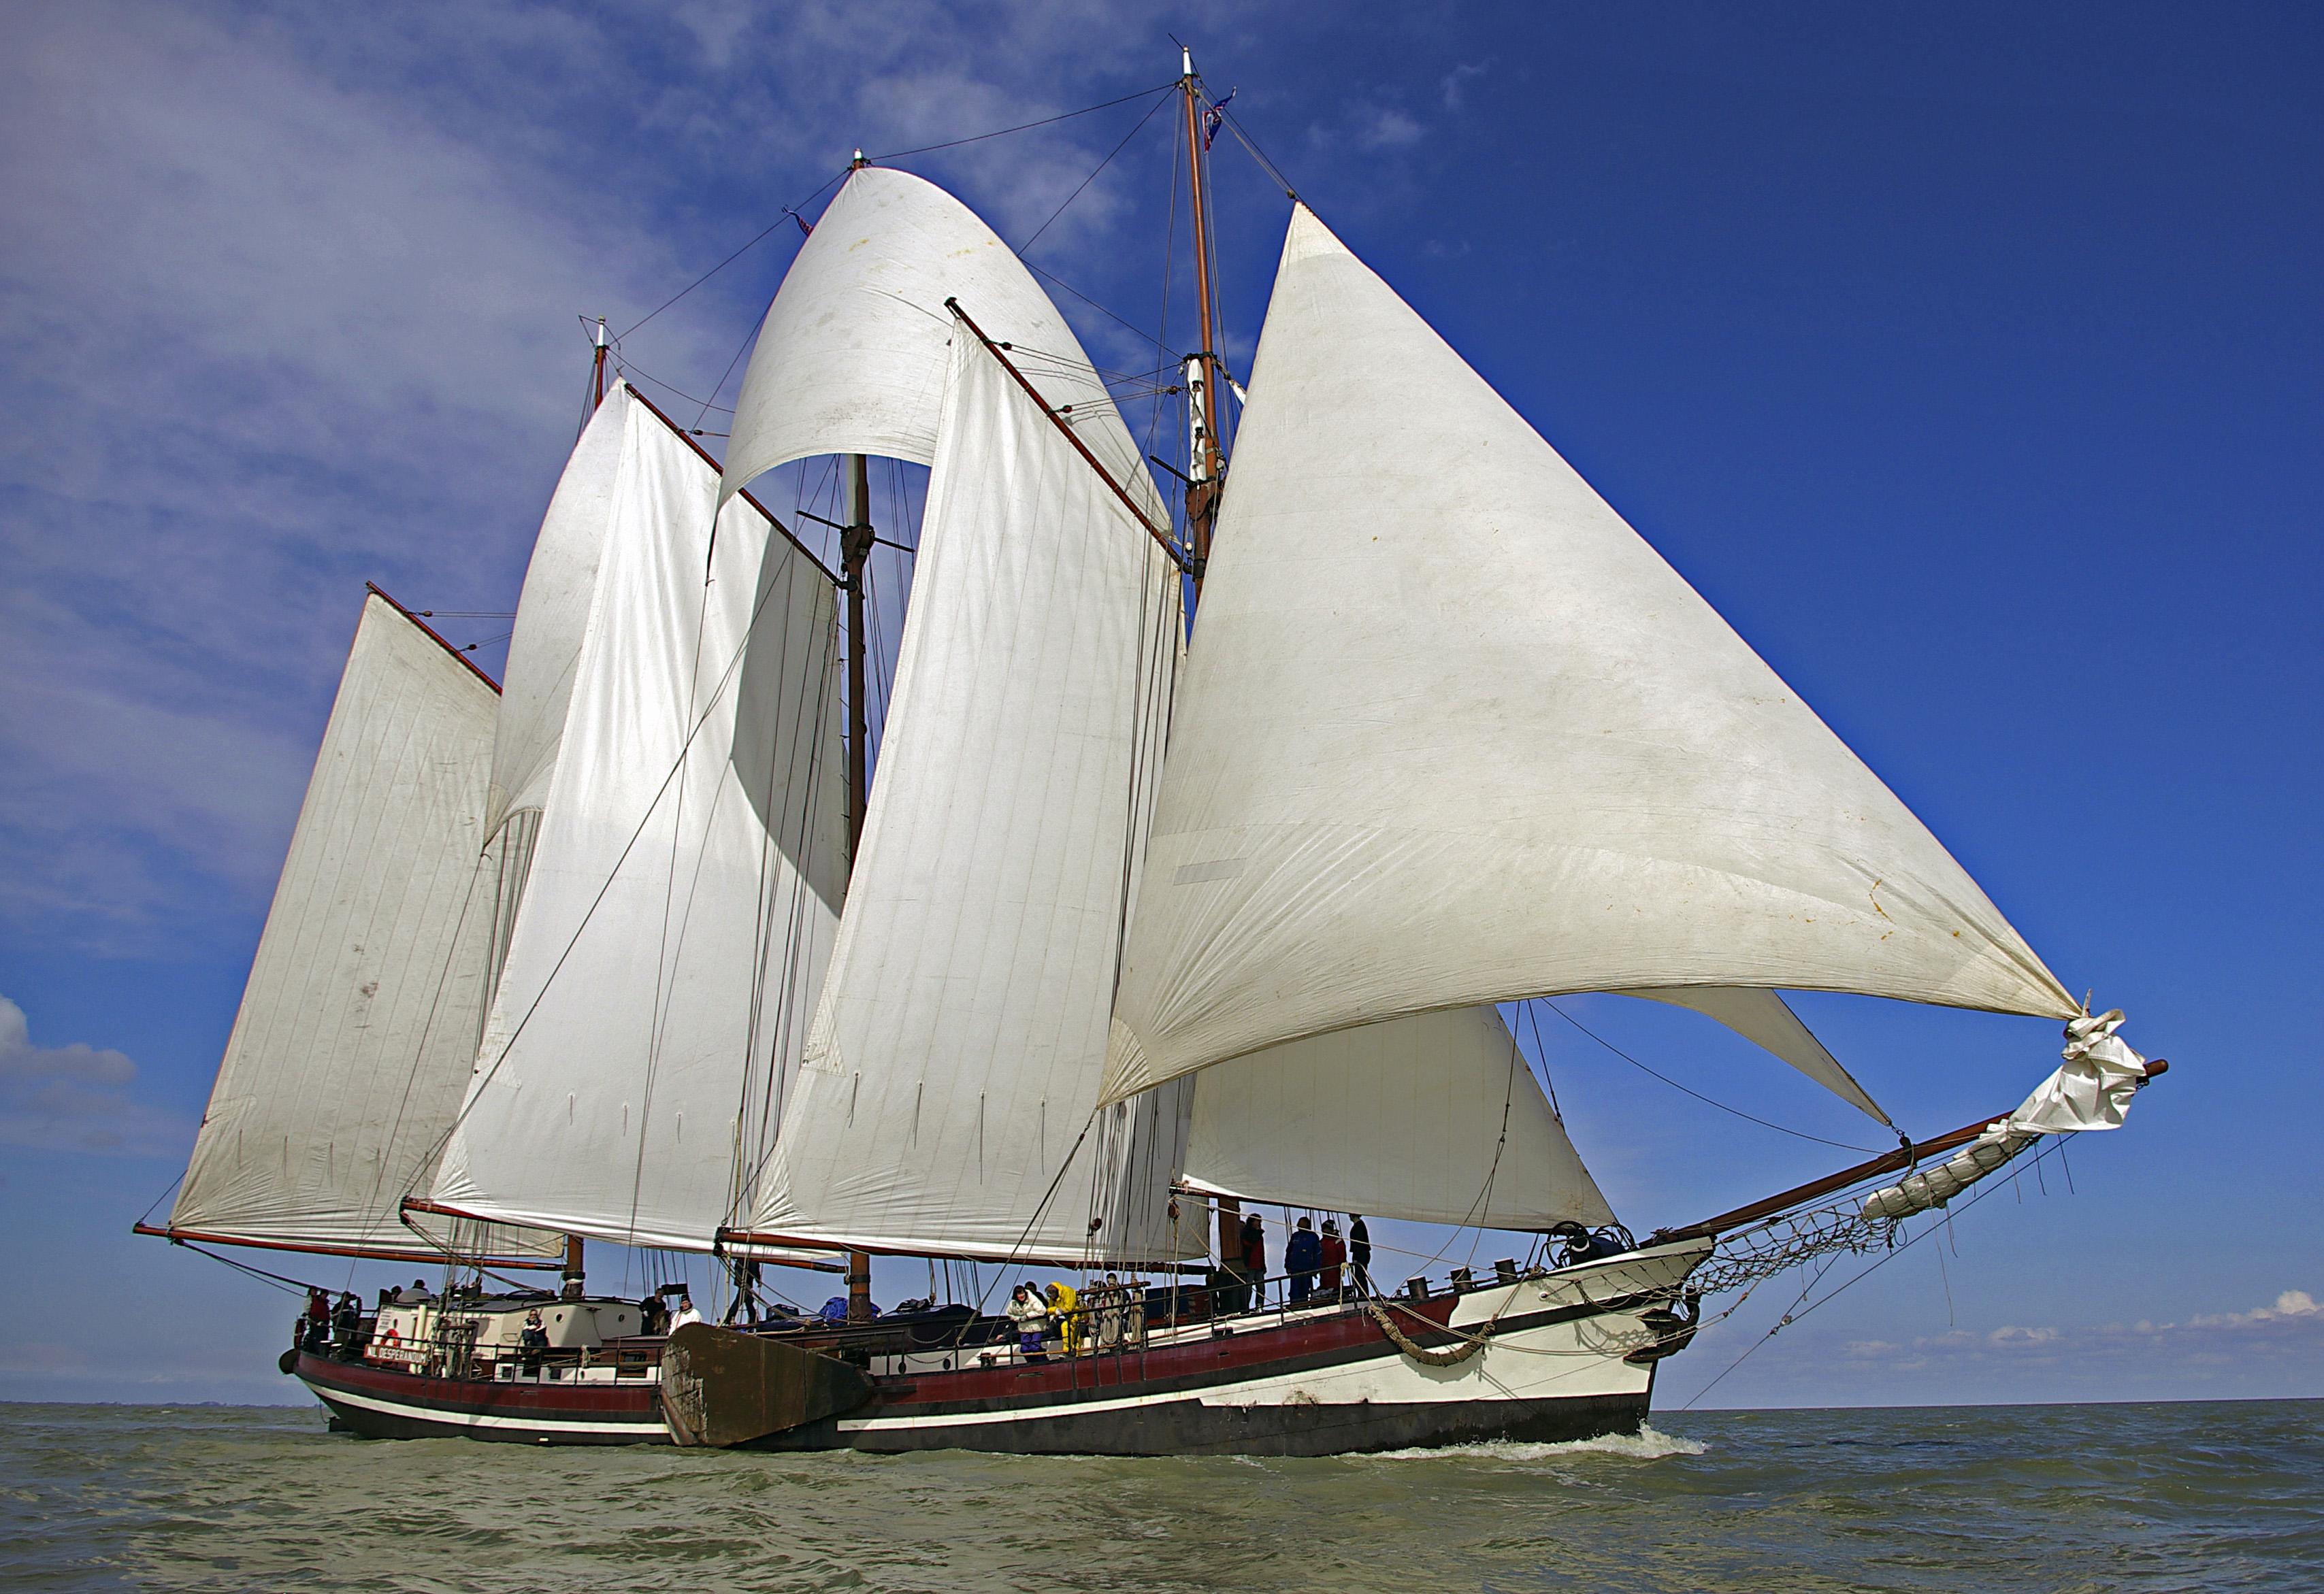 Segeln auf IJsselmeer oder Wattenmeer mit der Dreimastgaffelschoner Nil Desperandum ab Enkhuizen